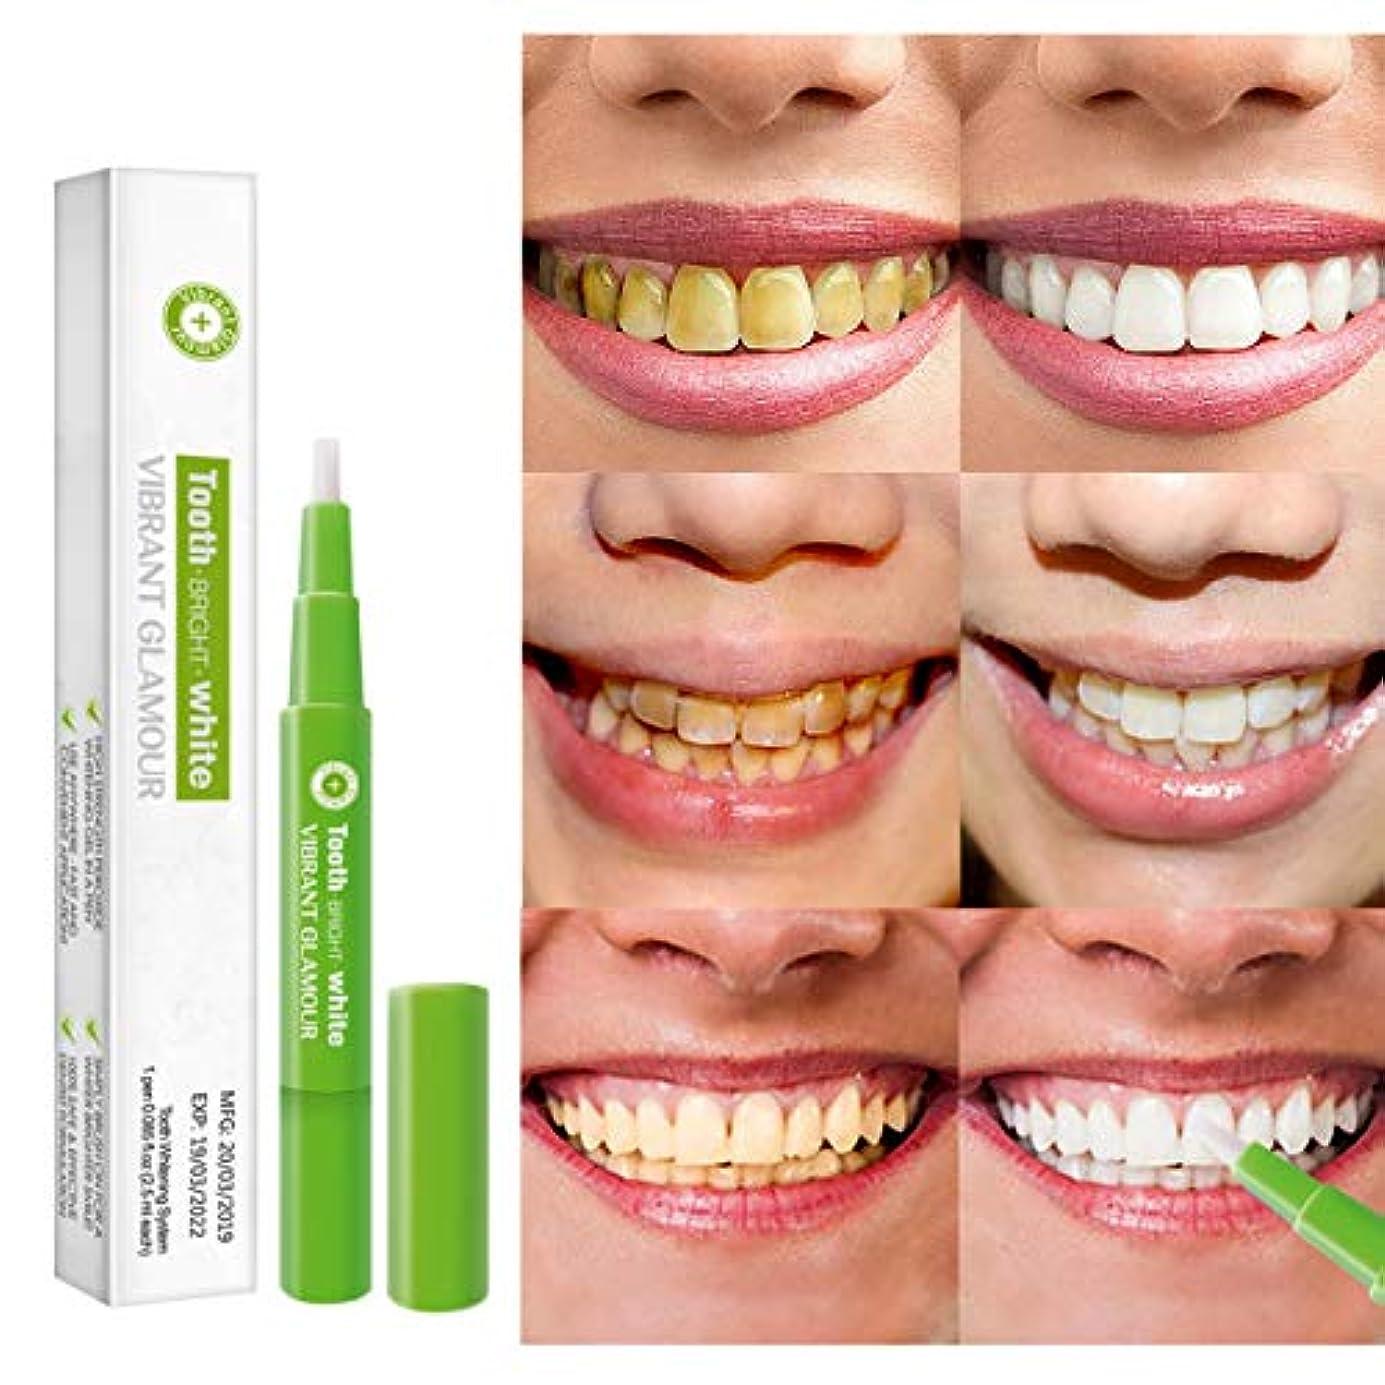 レコーダーワーム年齢Falshyvuk 歯の漂白剤 ホワイトニングペンミントの成分安全性 歯の白い漂白剤 携帯便利 瞬間汚れ消しゴムリムーバー 美白ゲル デンタルケア (3g)